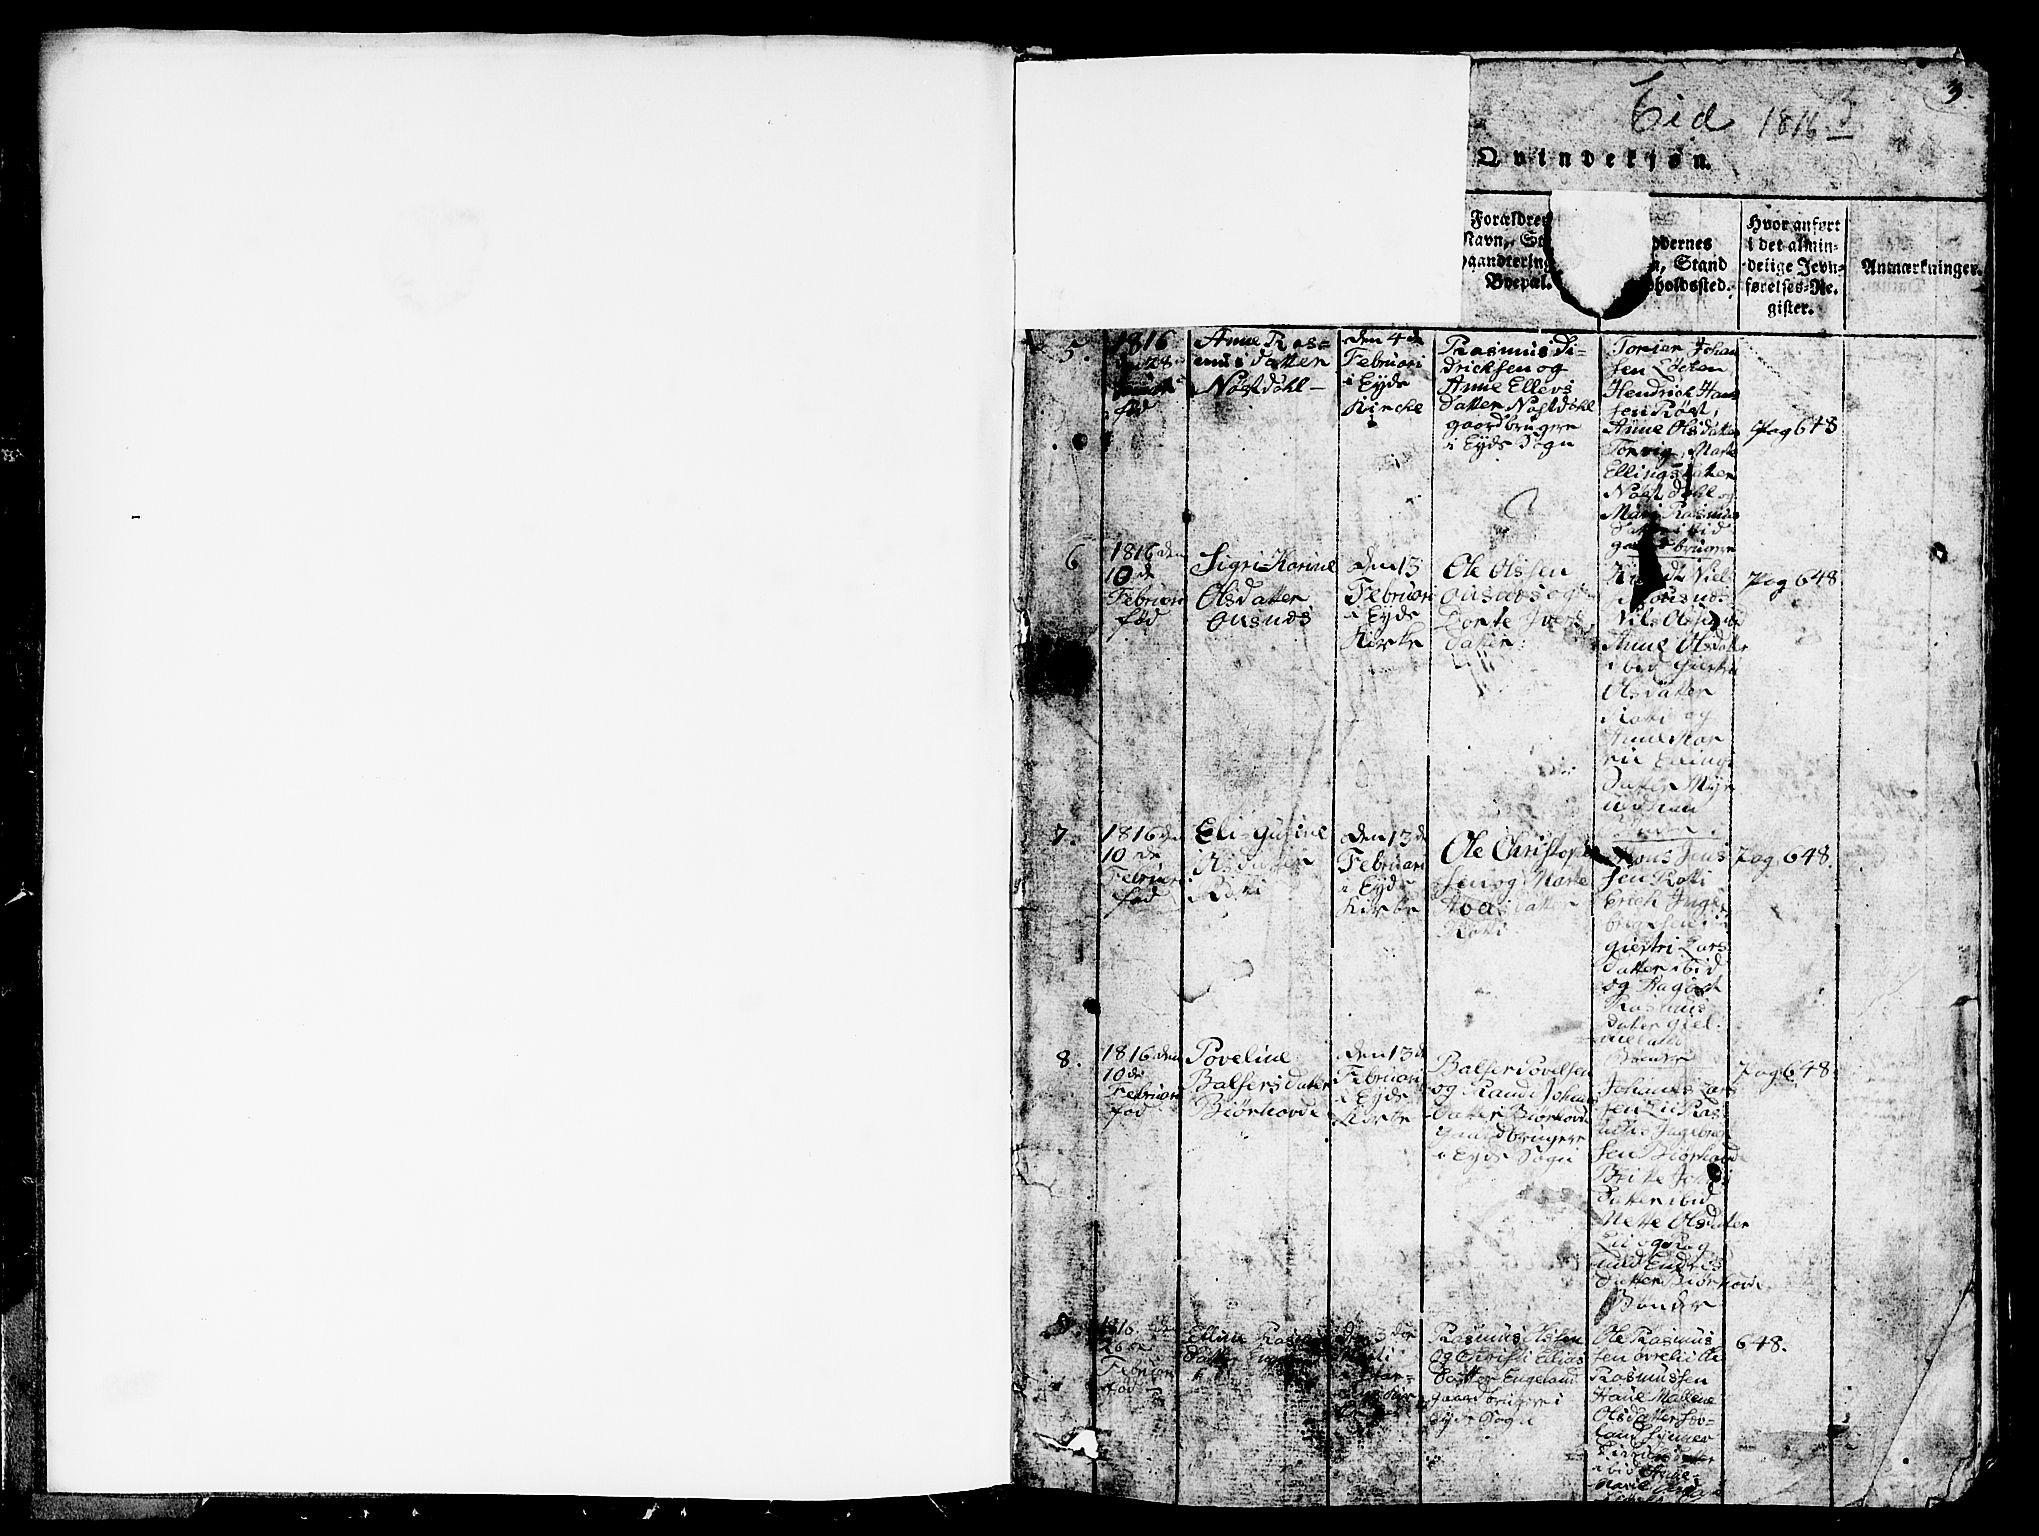 SAB, Eid Sokneprestembete, H/Hab: Klokkerbok nr. A 1, 1816-1862, s. 2-3